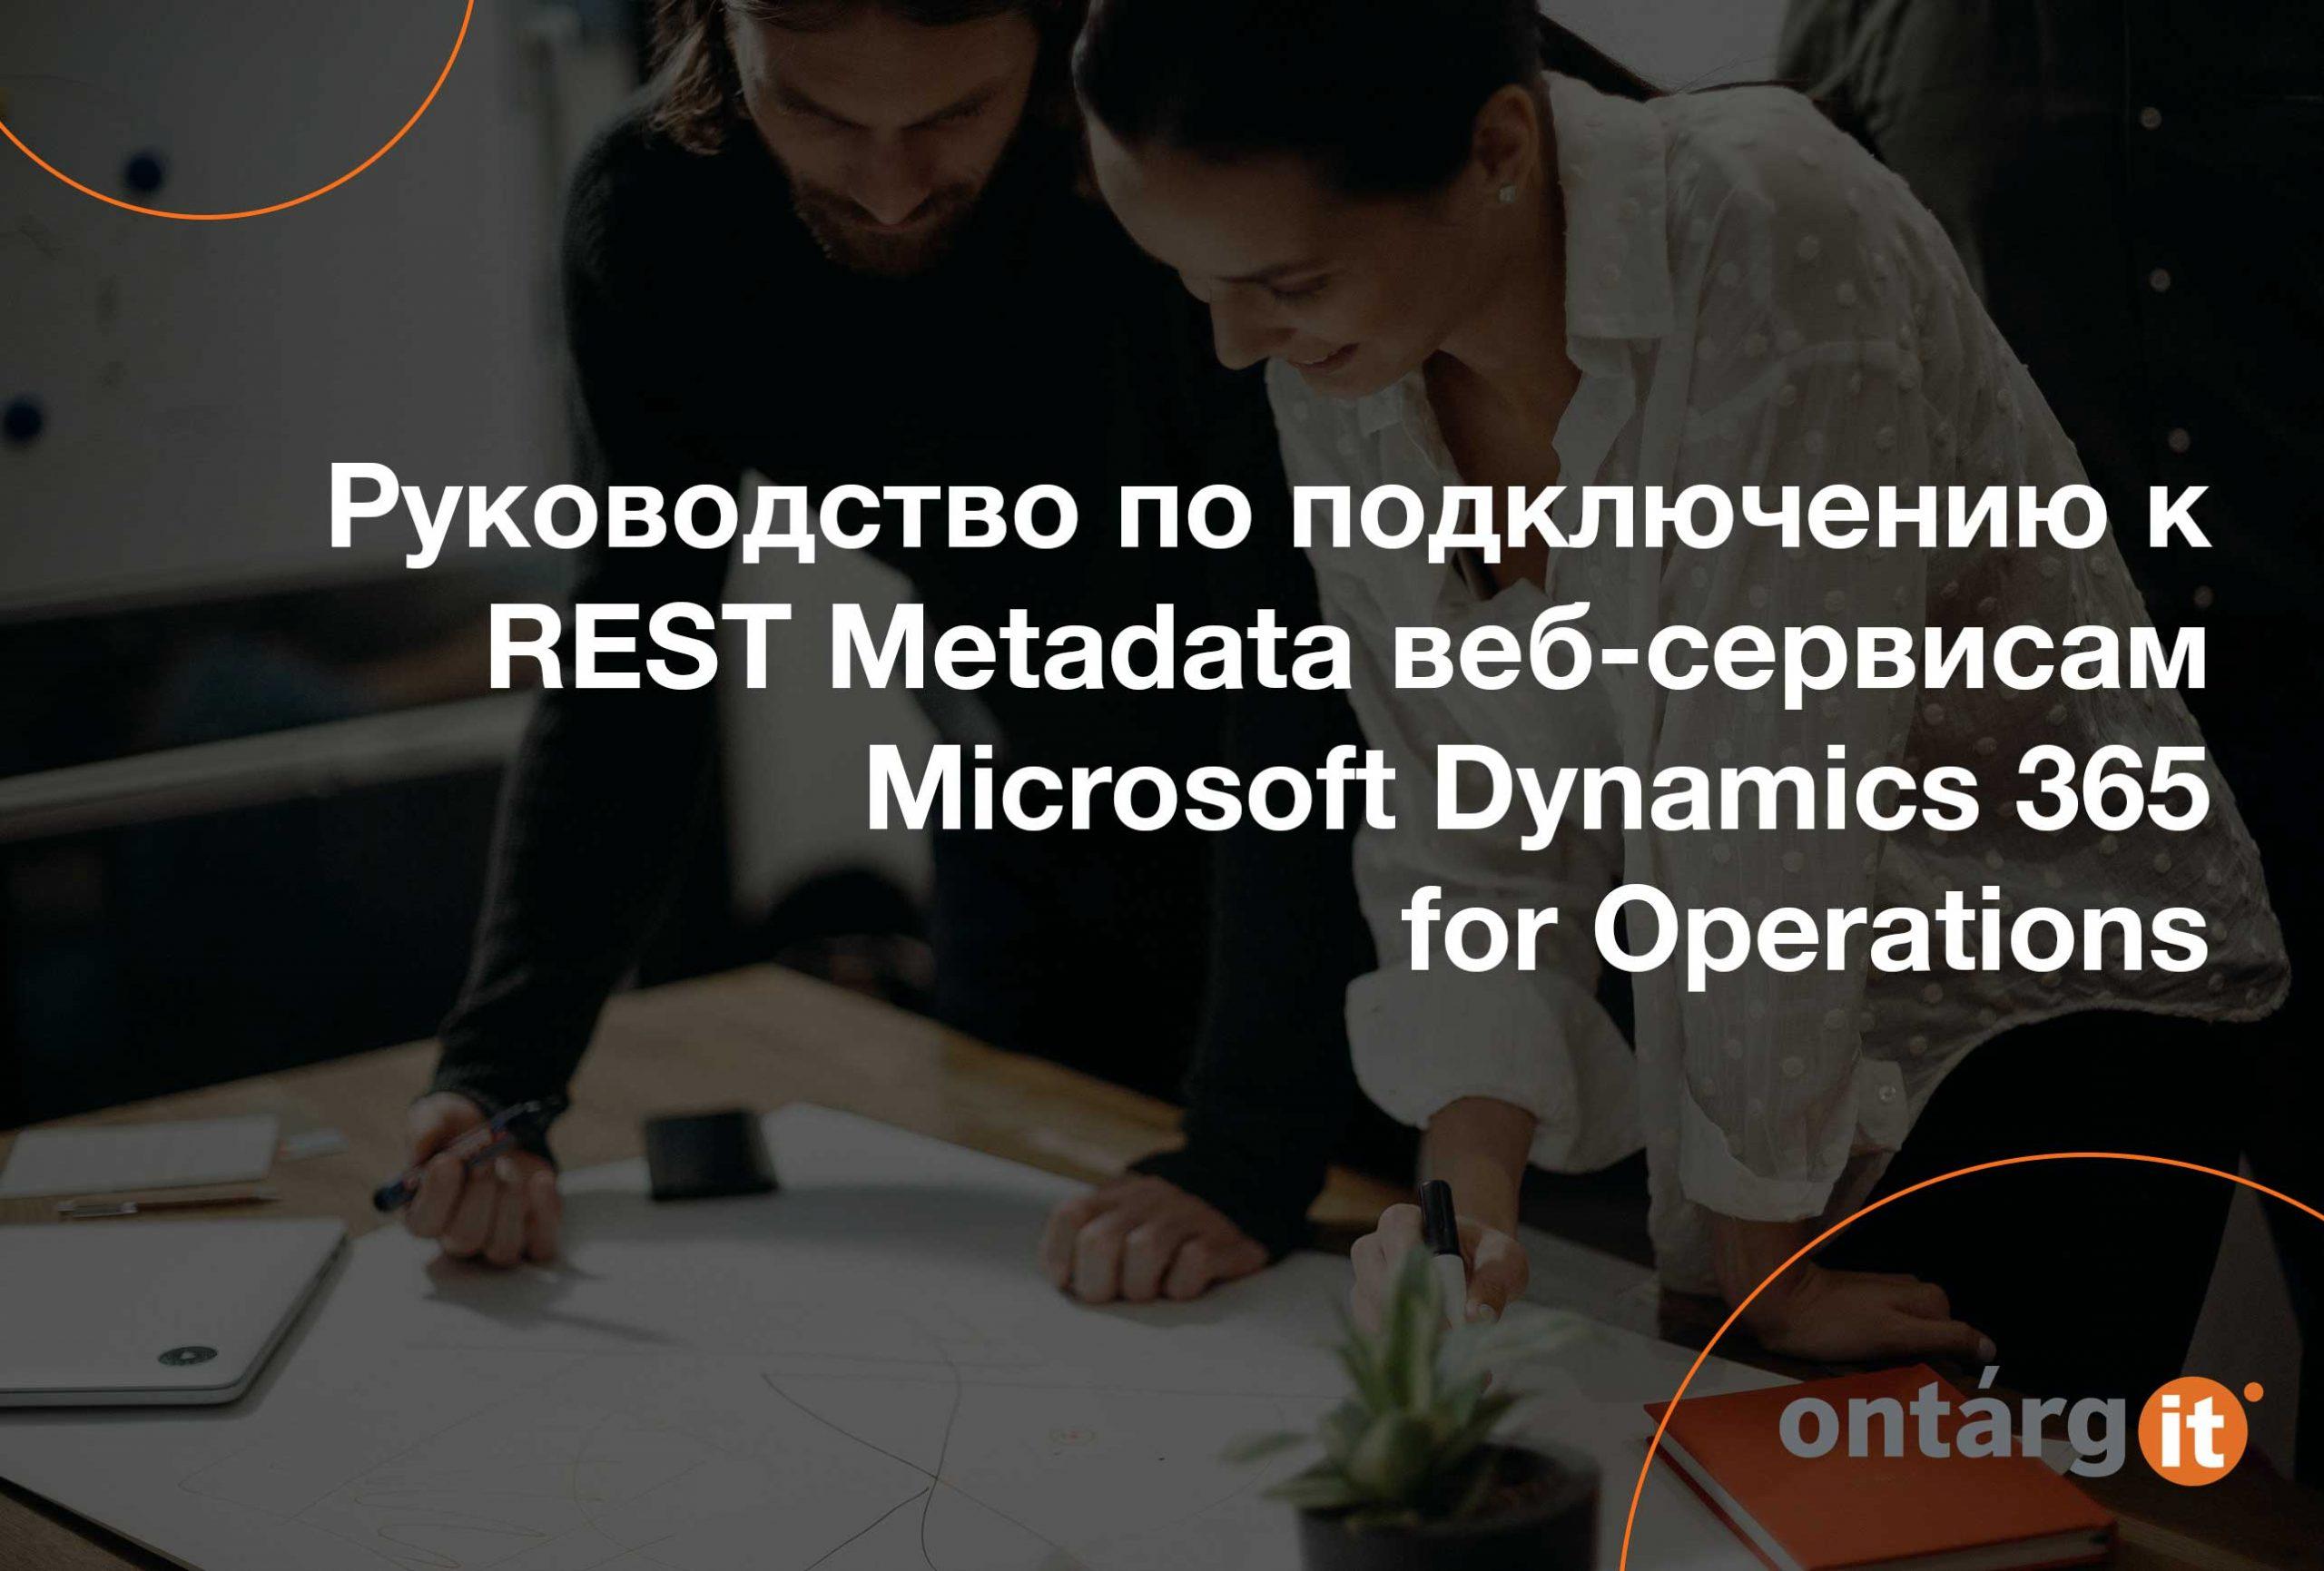 Руководство-по-подключению-к-REST-Metadata-веб-сервисам-Microsoft-Dynamics-365-for-Operations